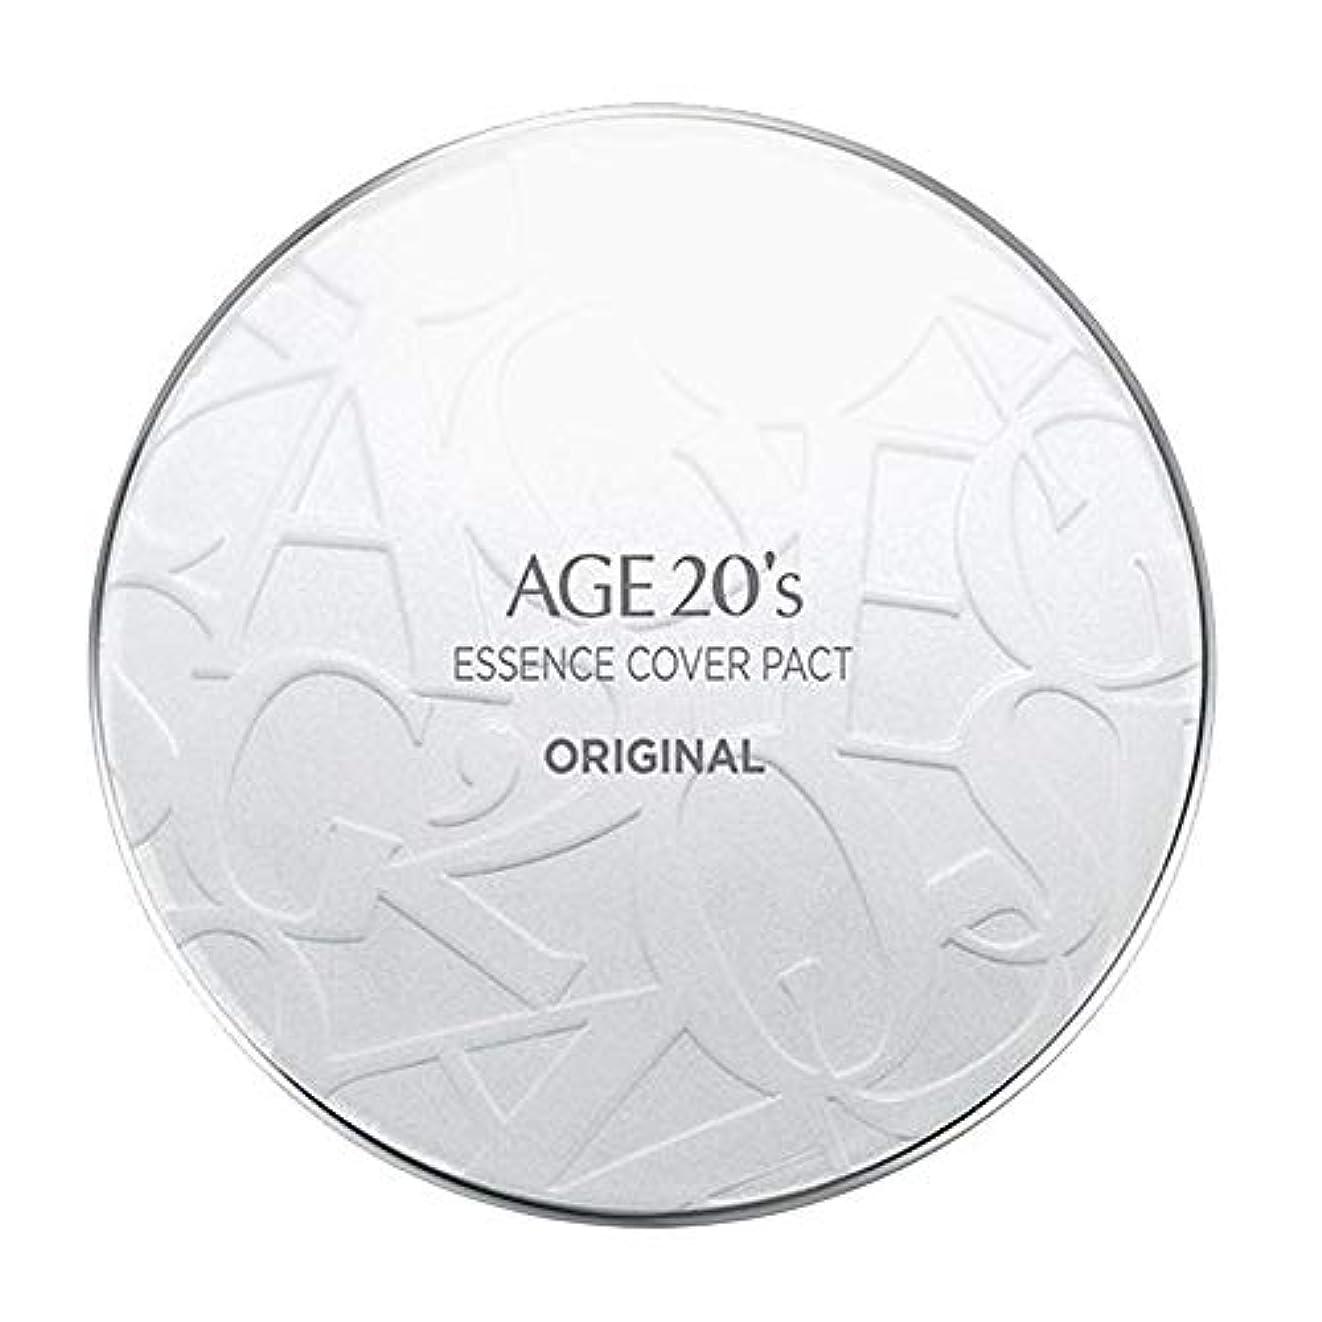 ファンド独特の伝導AGE 20's(エイジ20's) エッセンスカバーパクトオリジナル(ケース1個+リフィル2個付)ケースカラーホワイト (13号)